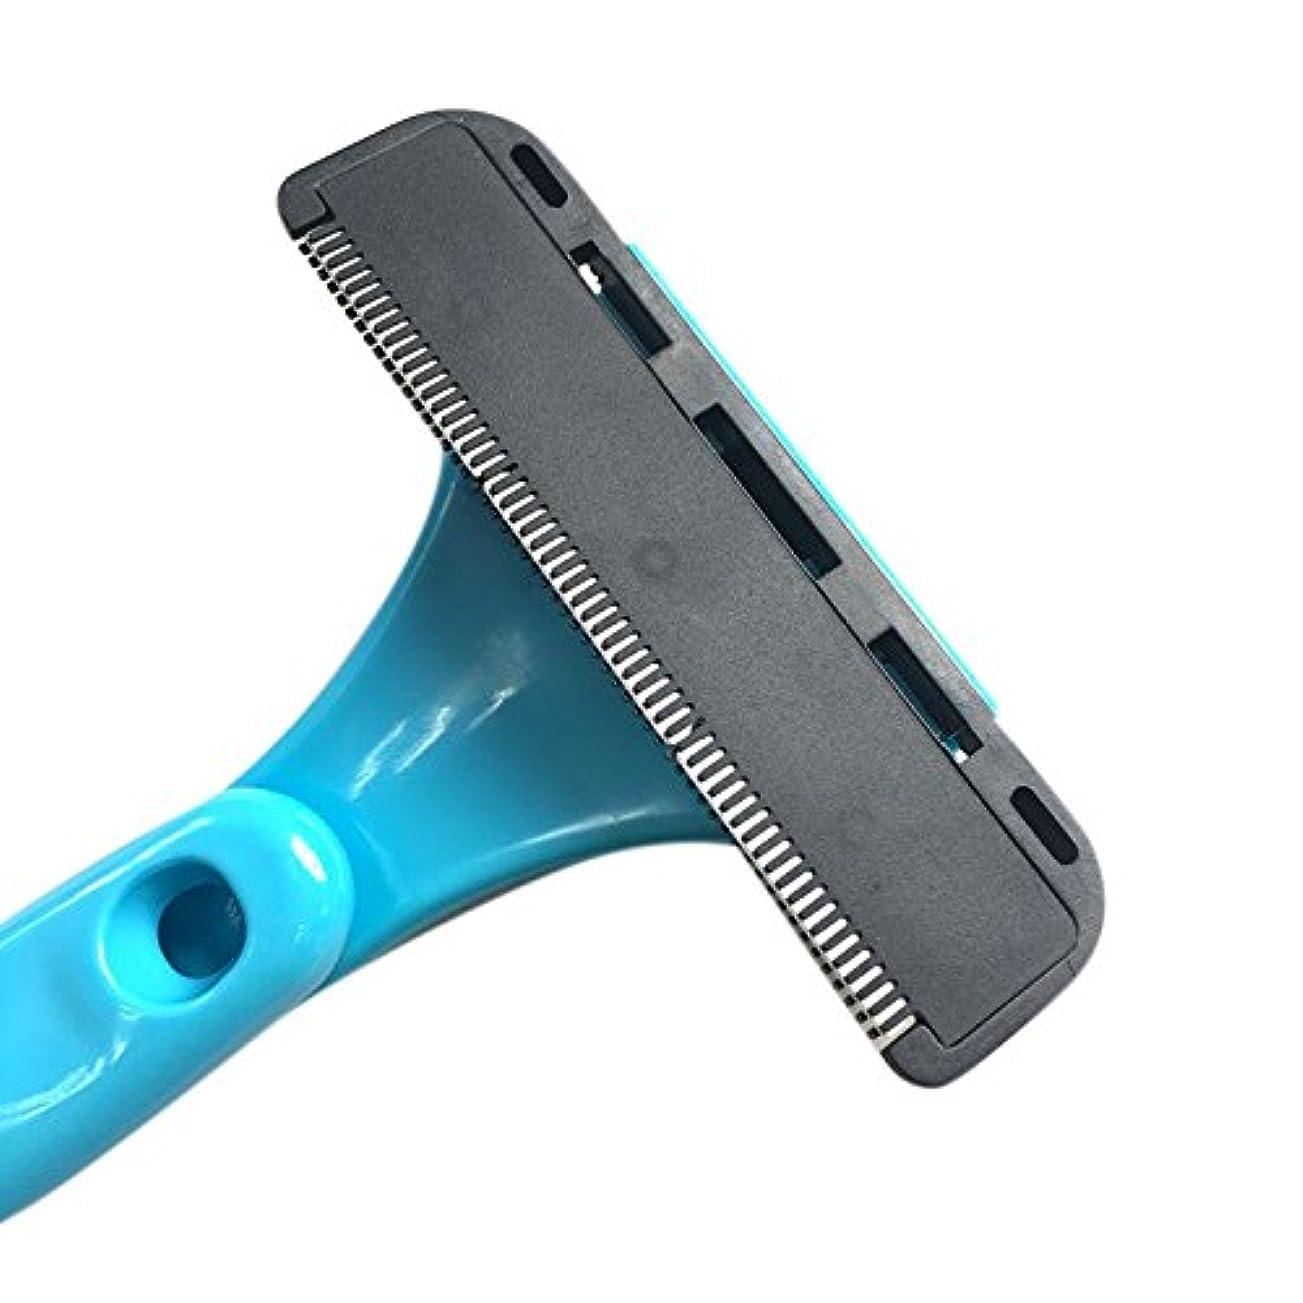 回答庭園絶望的なLiebeye 折りたたみ式 脱毛装置 絶妙な 手動剃刀 シェービング ヘッド 切削ヘッド